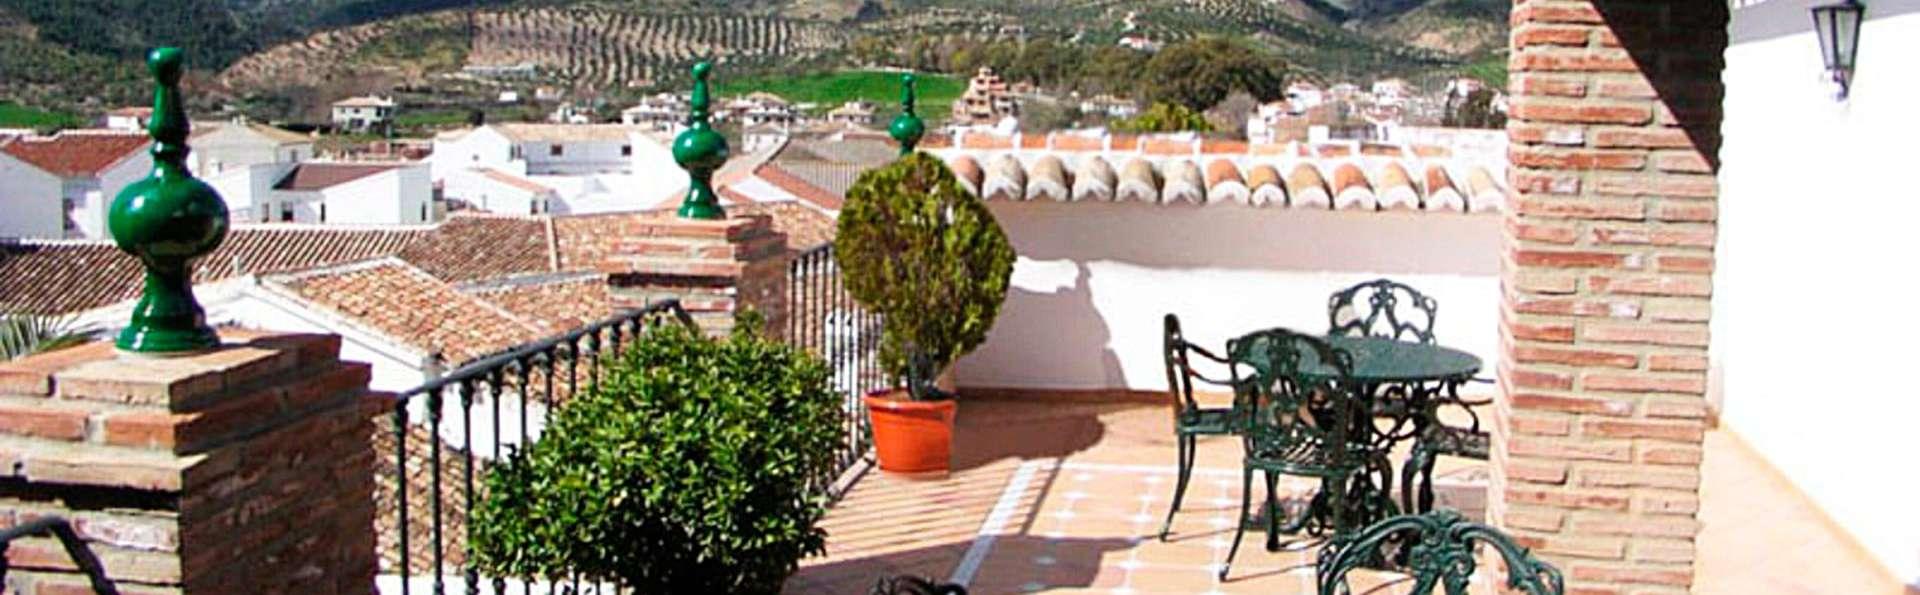 La Casa Grande de El Burgo - EDIT_terrace.jpg